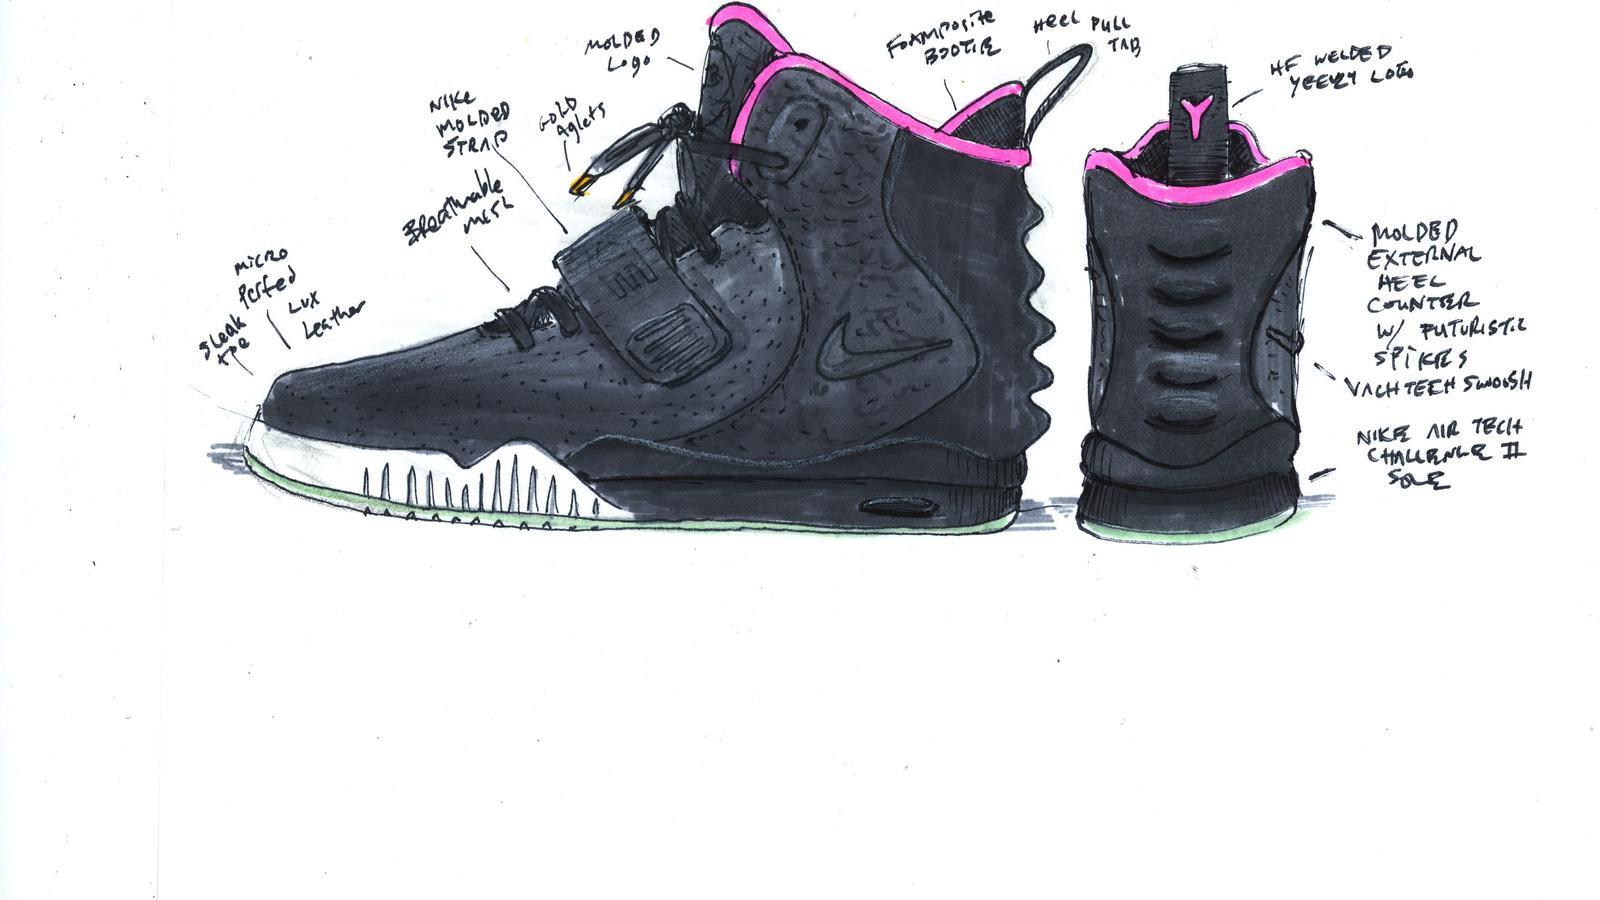 eca09793ba57 Nike Air Yeezy II Sketch. Nike Air Yeezy II Back.  Nike Air Yeezy II Detail 3. Nike Air Yeezy II Detail 4.  Nike Air Yeezy II Detail